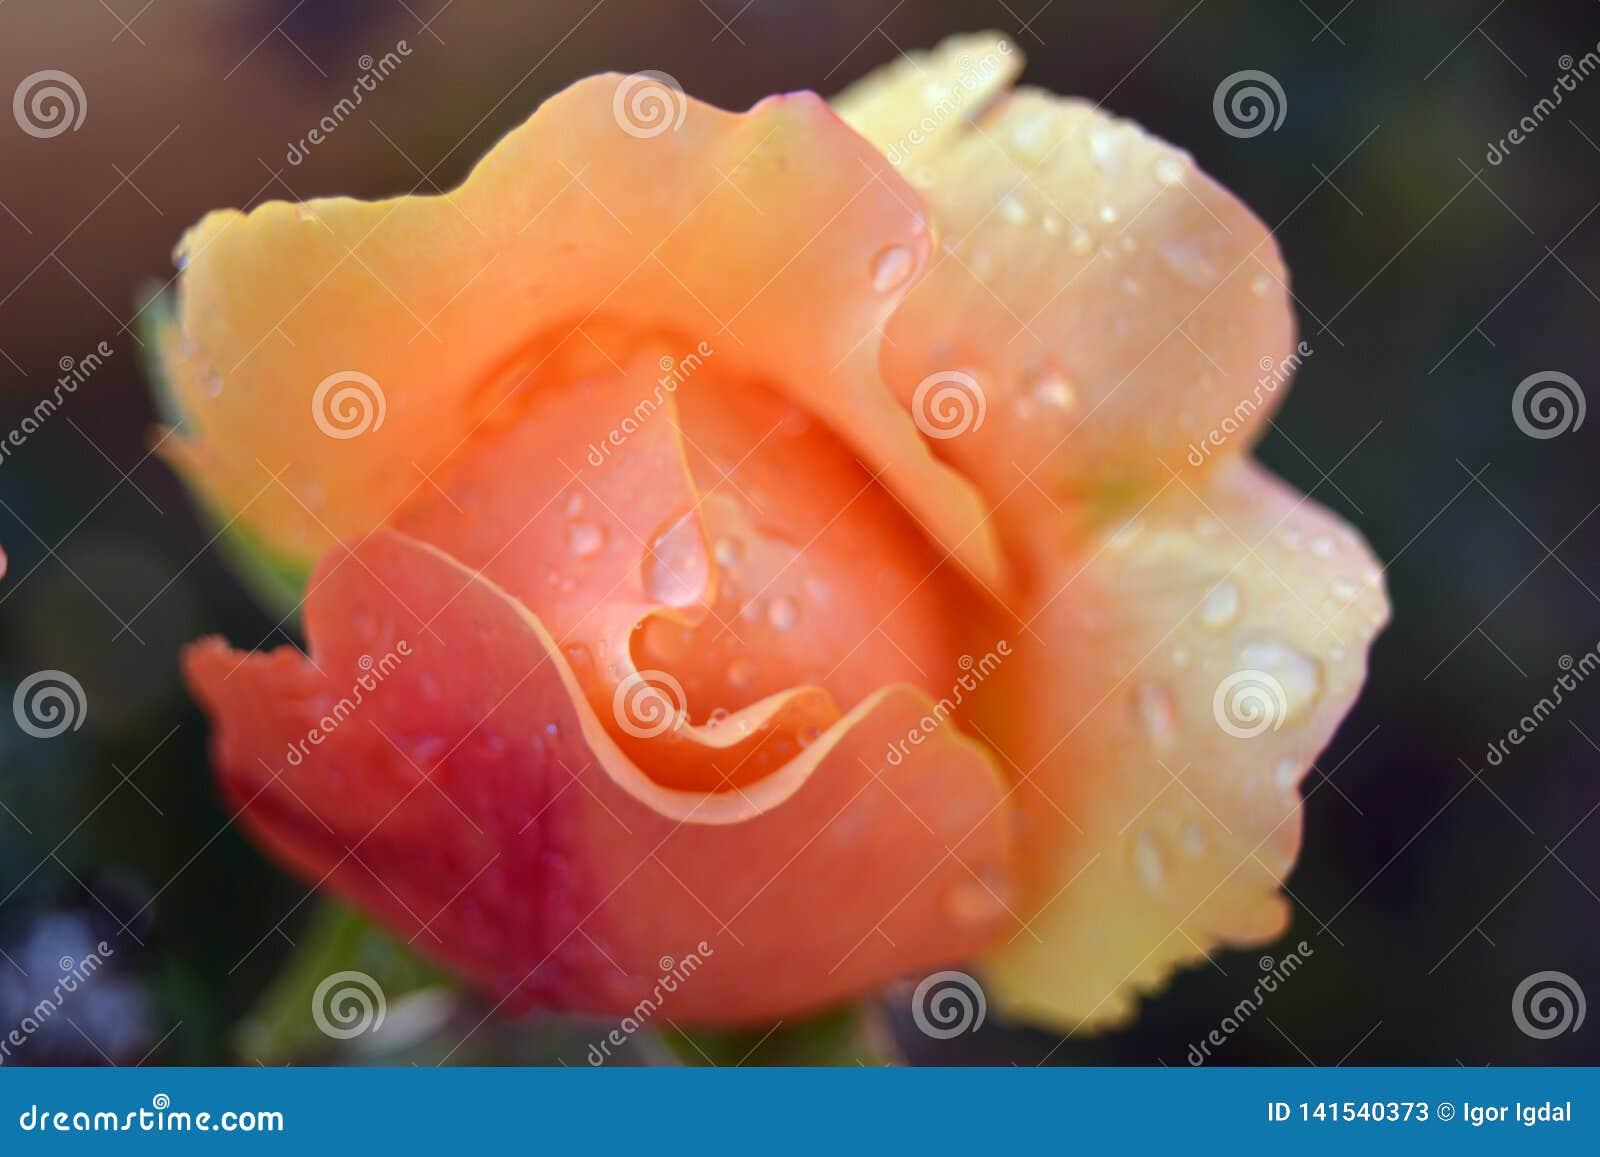 Nam in de vorm van een smiley toe - het glimlachen gezicht